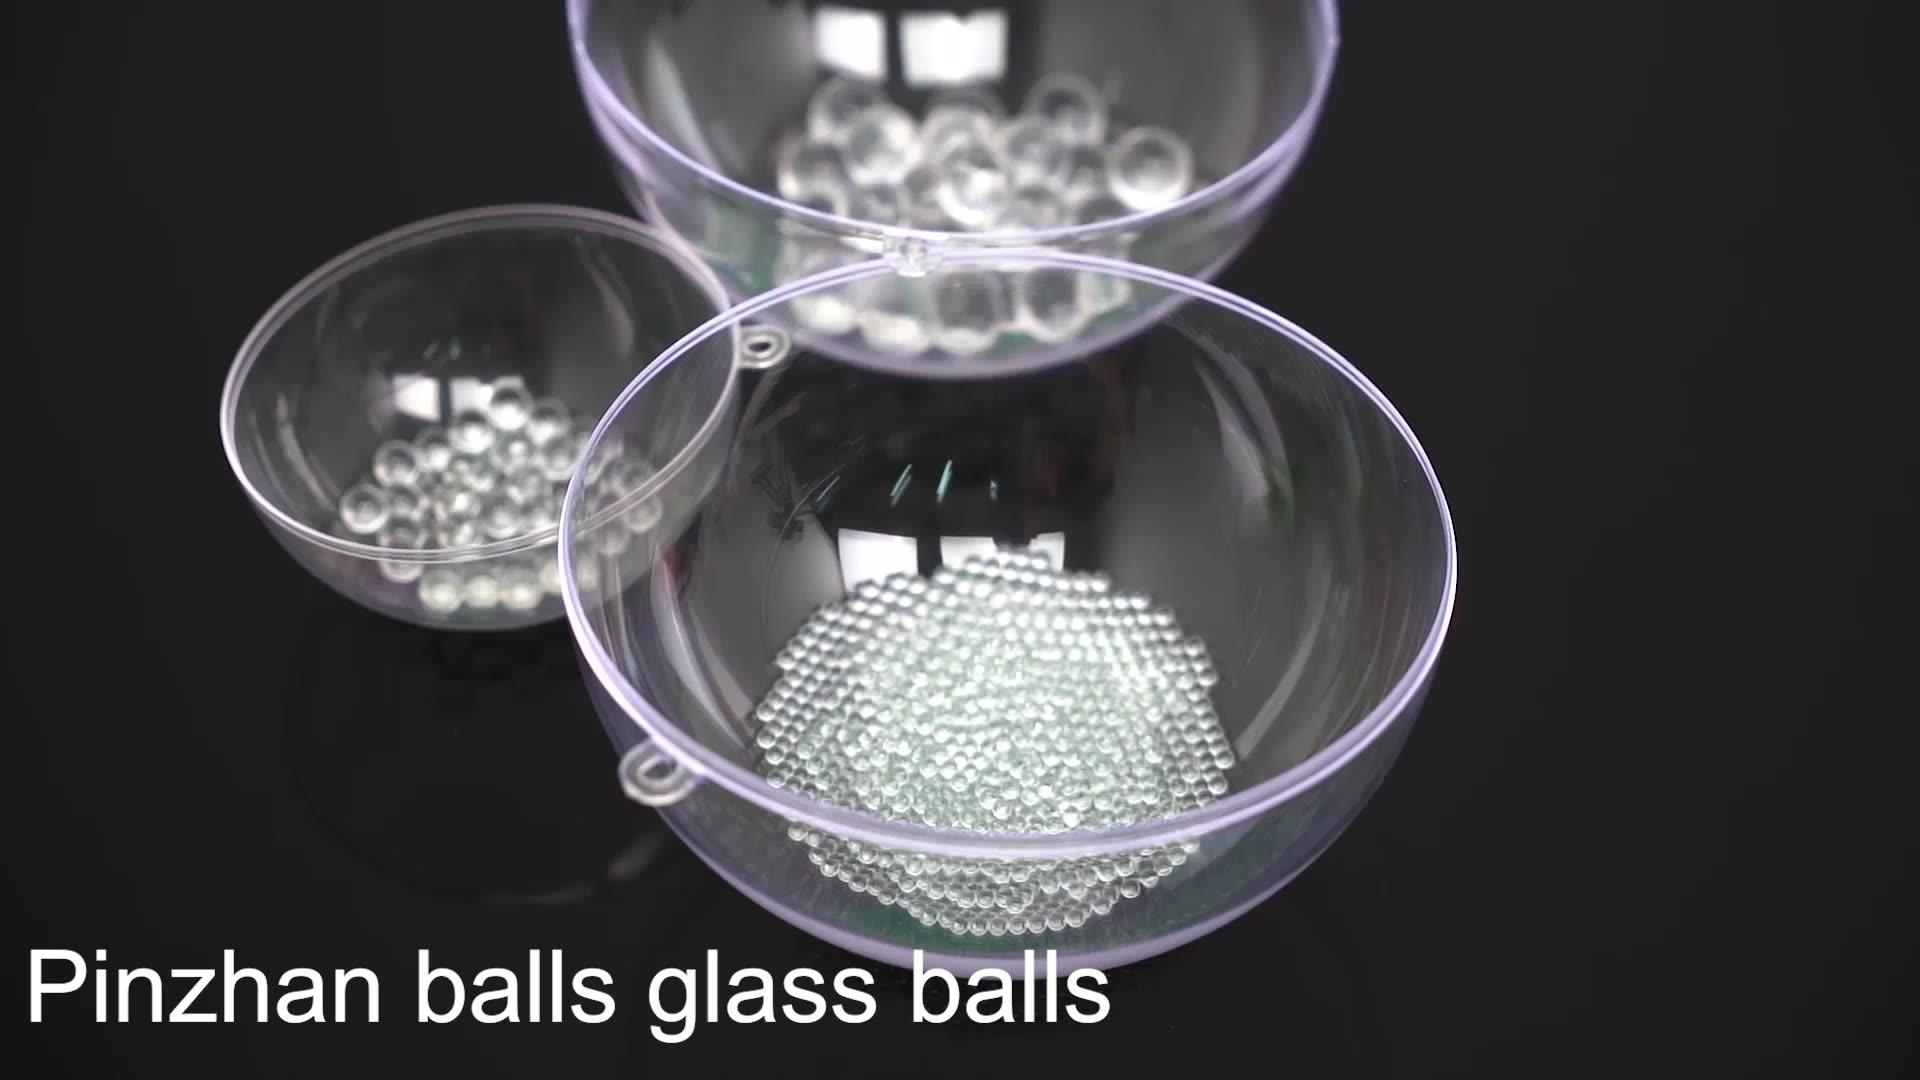 أرخص الصلبة 3 مللي متر 3.175 مللي متر 4 مللي متر 5 مللي متر 6 مللي متر 8 مللي متر 10 مللي متر 11 مللي متر الدقة كرة زجاجية